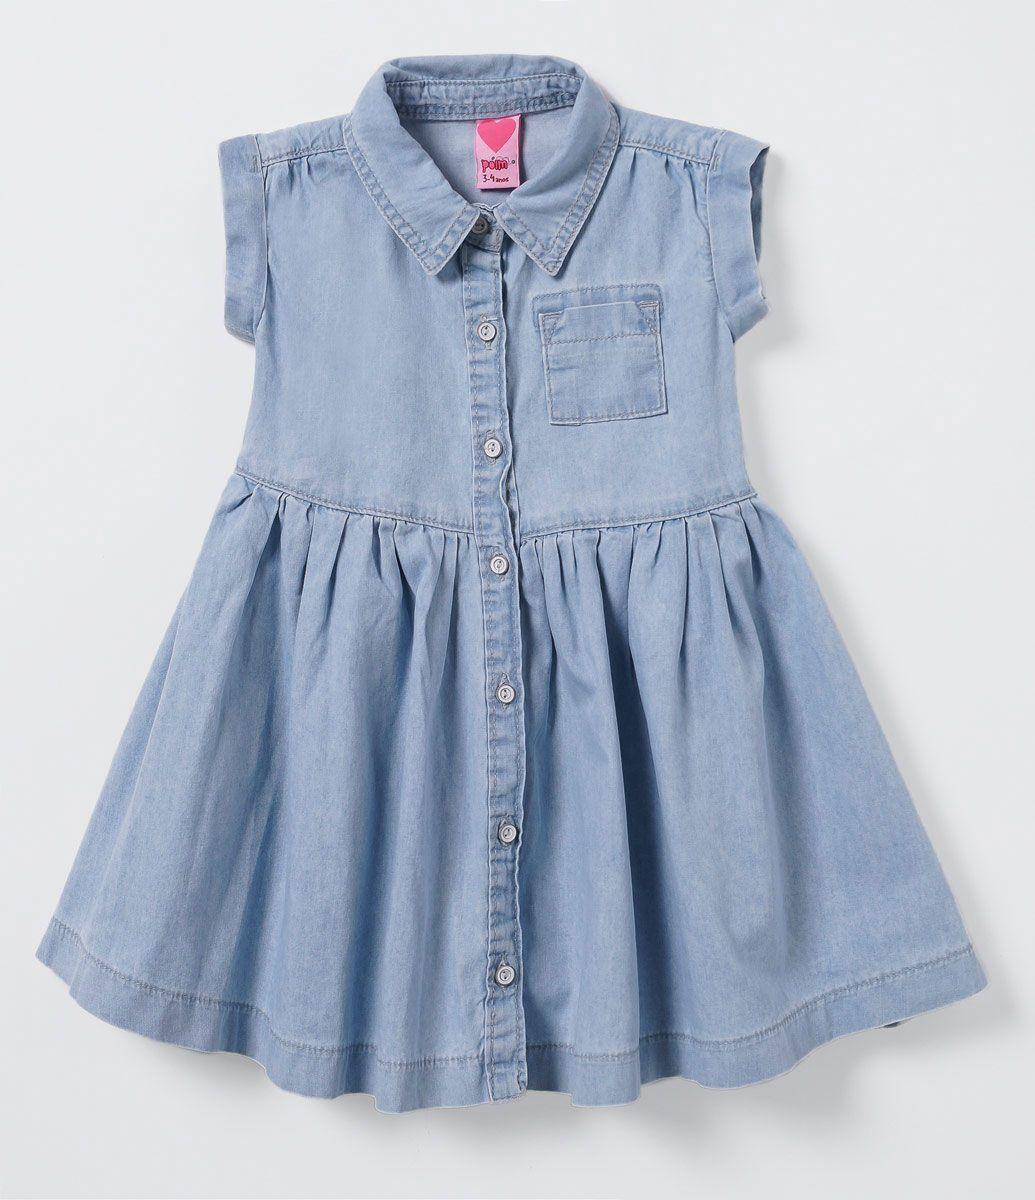 f6e1774ca67f42 Vestido Infantil em Jeans - Tam 1 a 4 anos - Lojas Renner | dresses ...